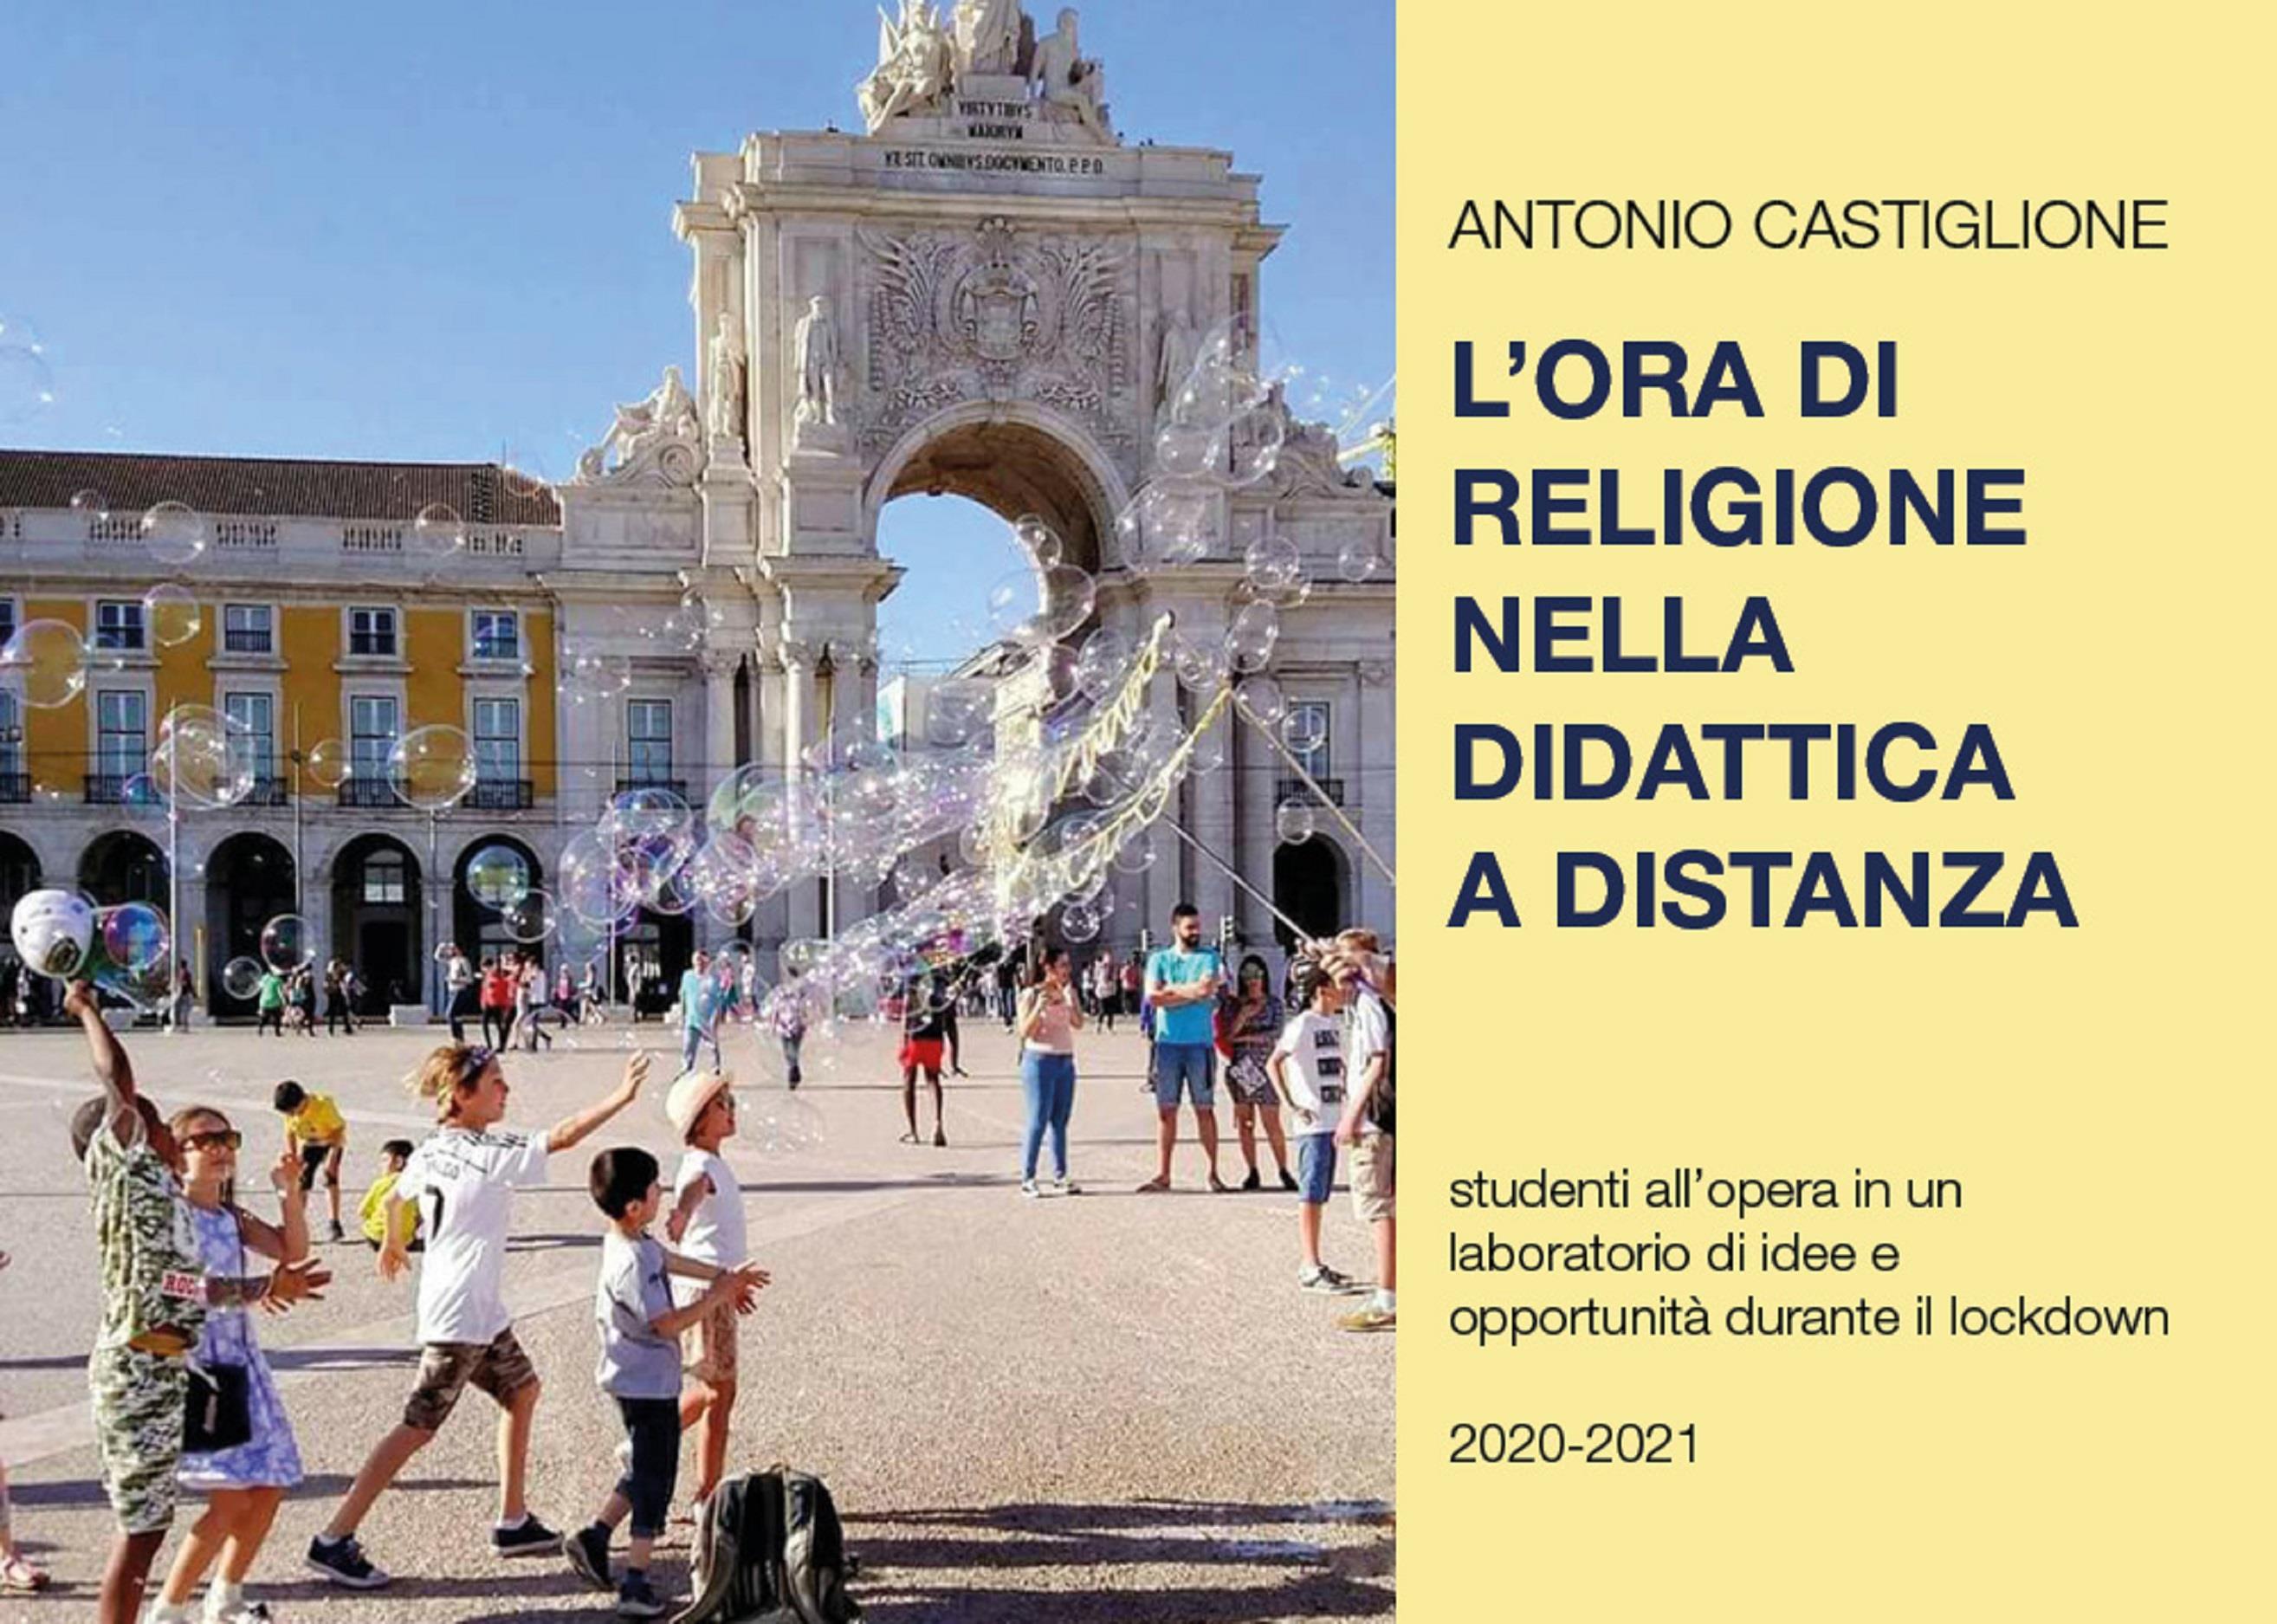 L'ora di religione nella Didattica a Distanza. Studenti all'opera in un laboratorio di idee e di opportunità durante il lockdown